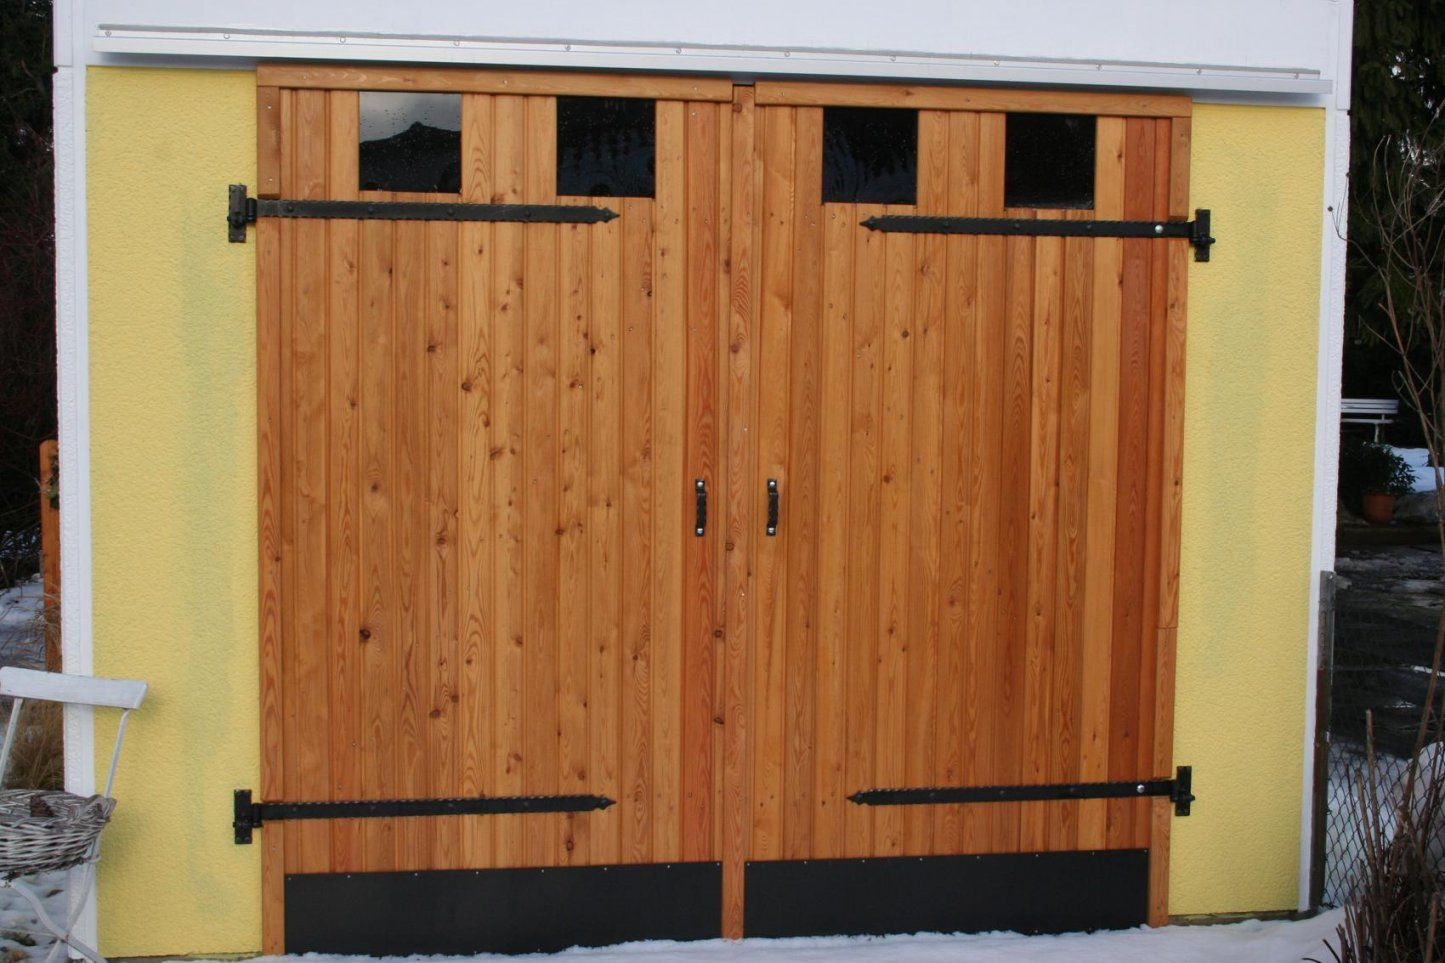 Garagentor Selber Bauen  Swalif von Holz Garagentor Selber Bauen Bild